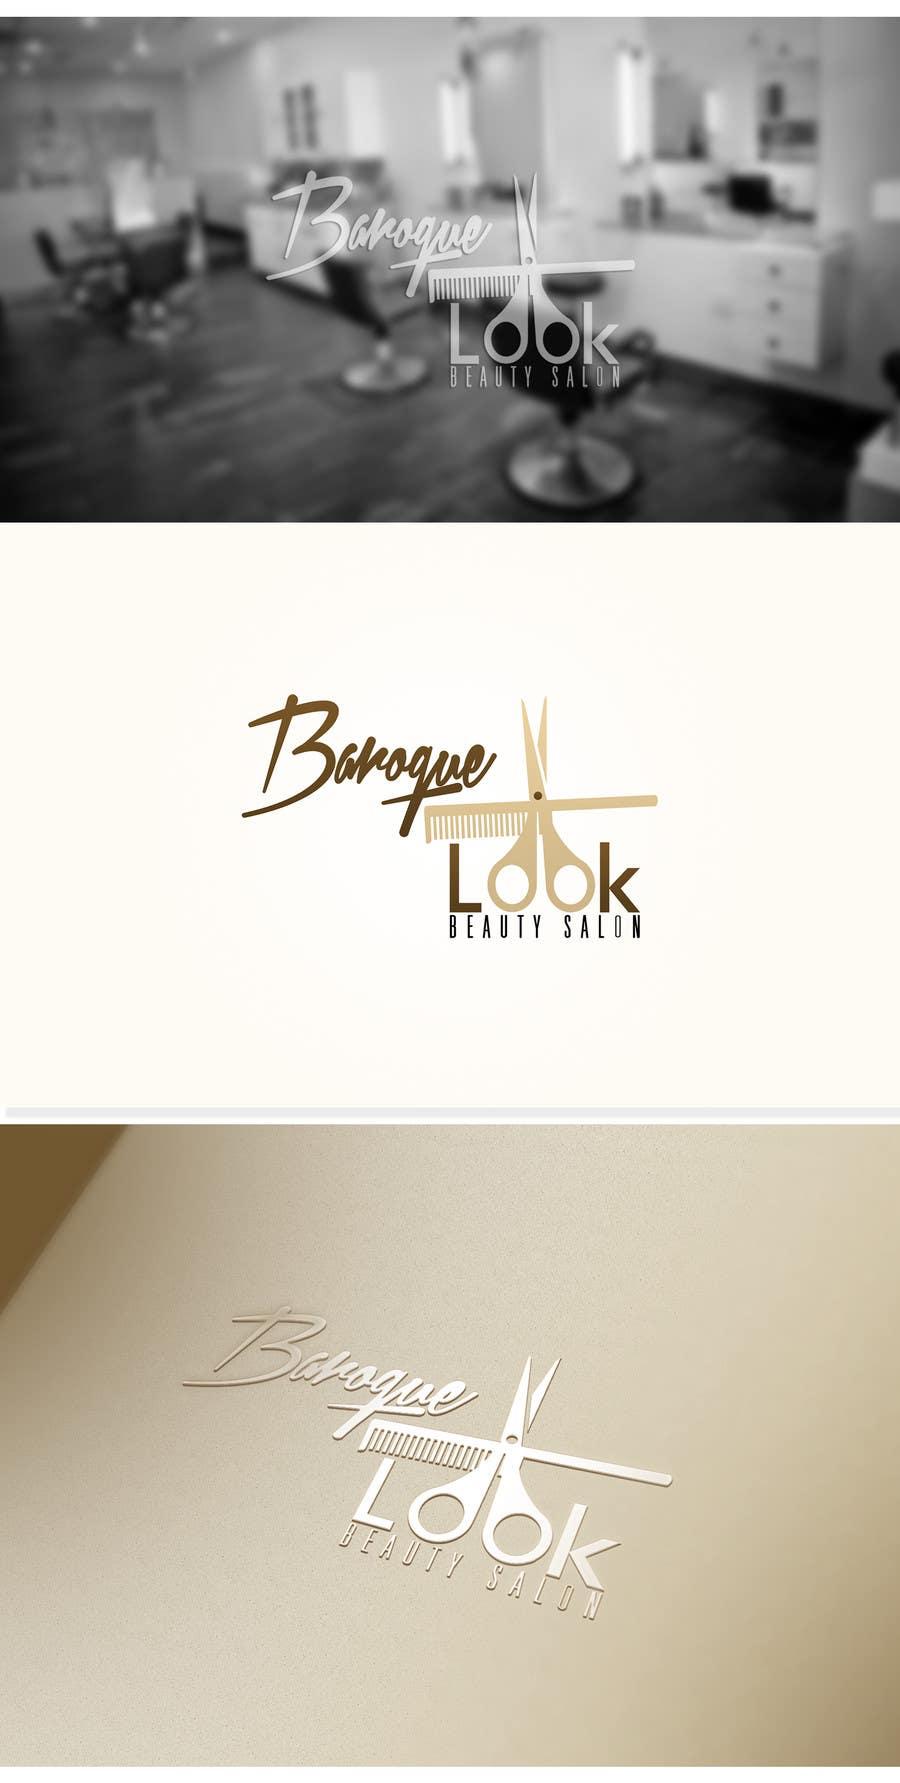 Bài tham dự cuộc thi #98 cho Design a Logo for Beauty Salon